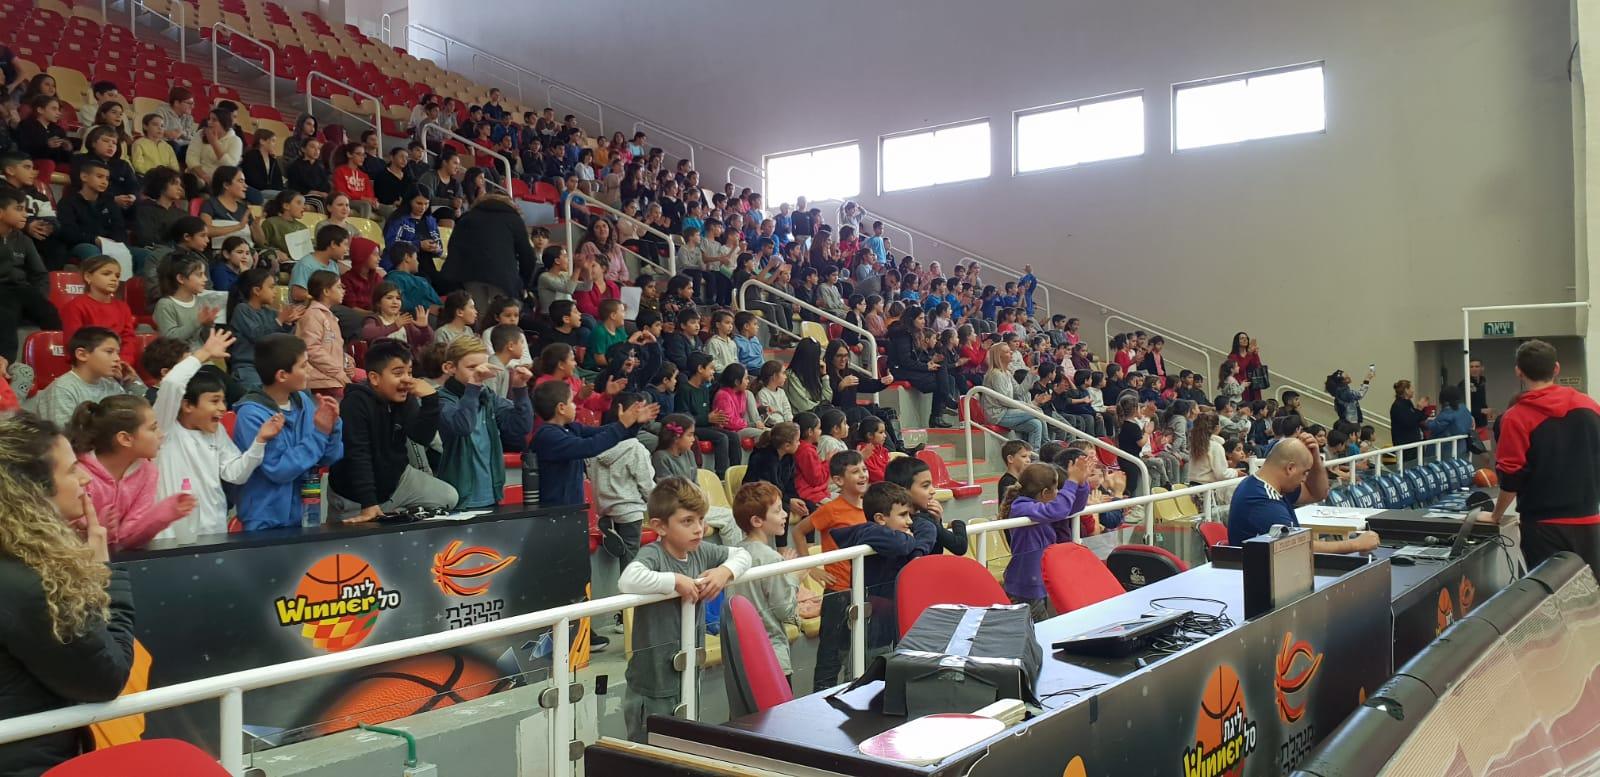 אולם מלא בתלמידים צופים במשחק נבחרת בית הספר נגד גלבוע/גליל